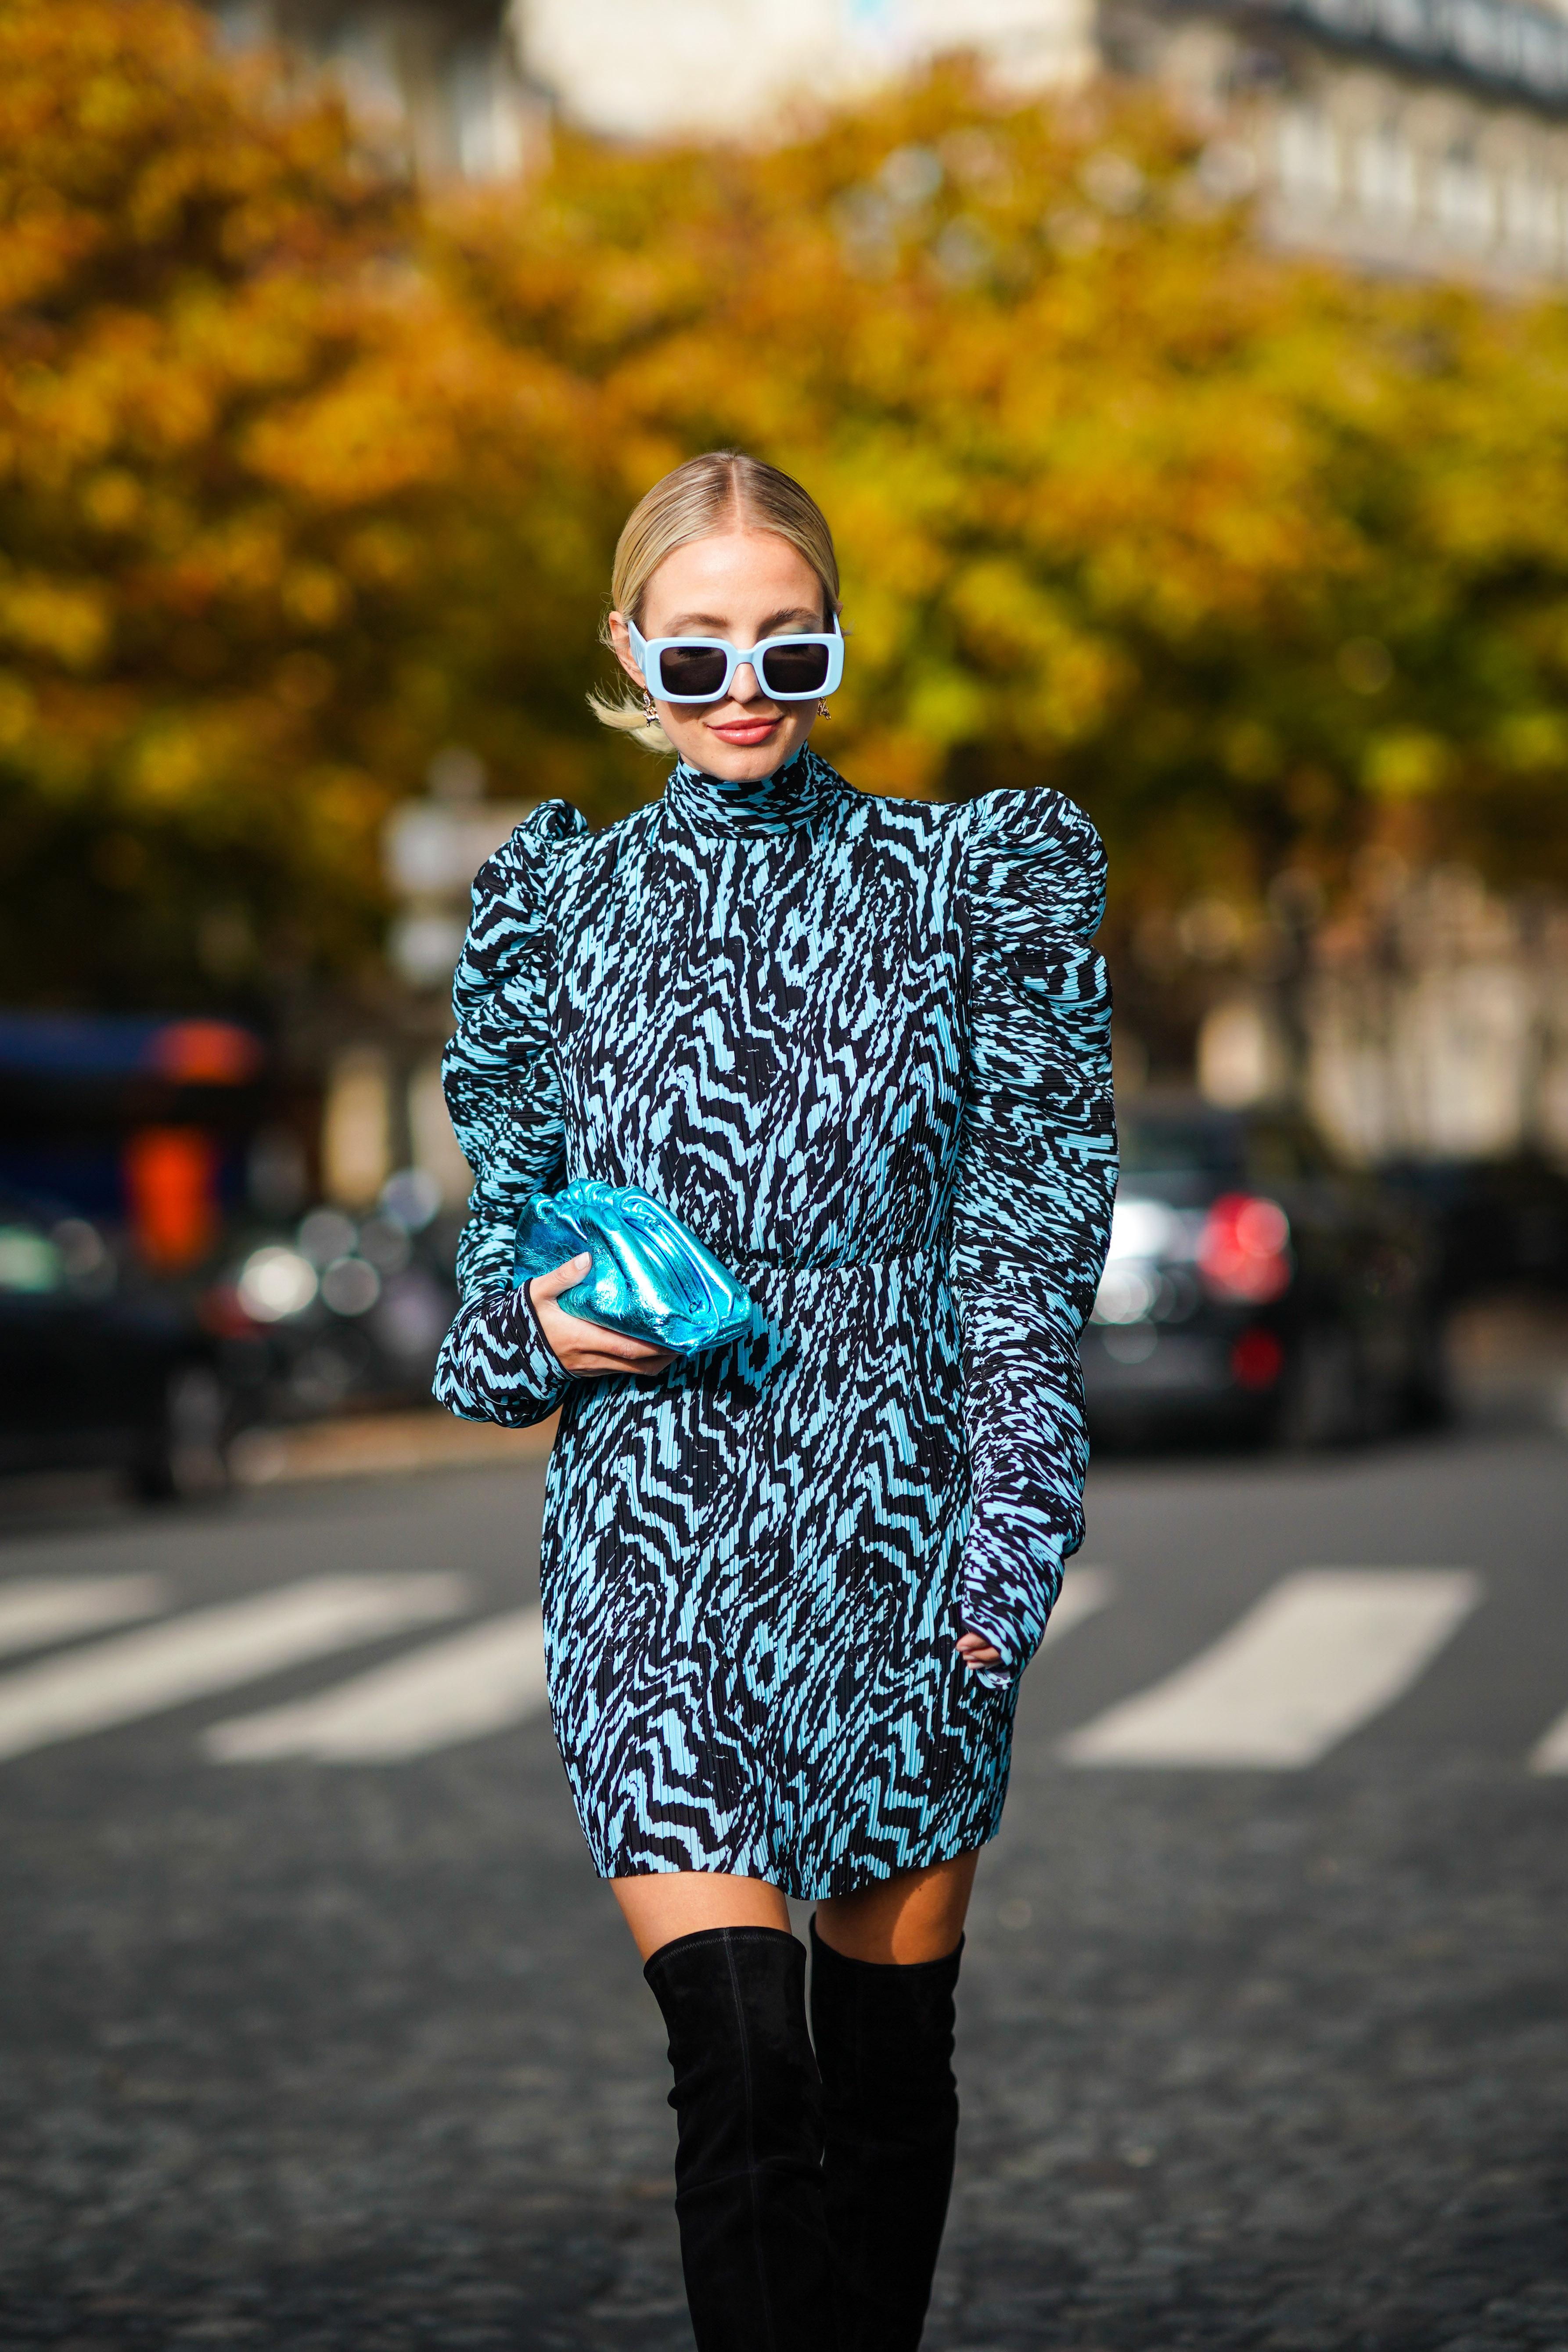 ブルーとブラックの2トーン使いのコーディネイトは、ドレスのシルエットと相まってヴィンテージライクなスタイルに。スクエアフォルムのビッグフレームサングラスも雰囲気を後押ししている。